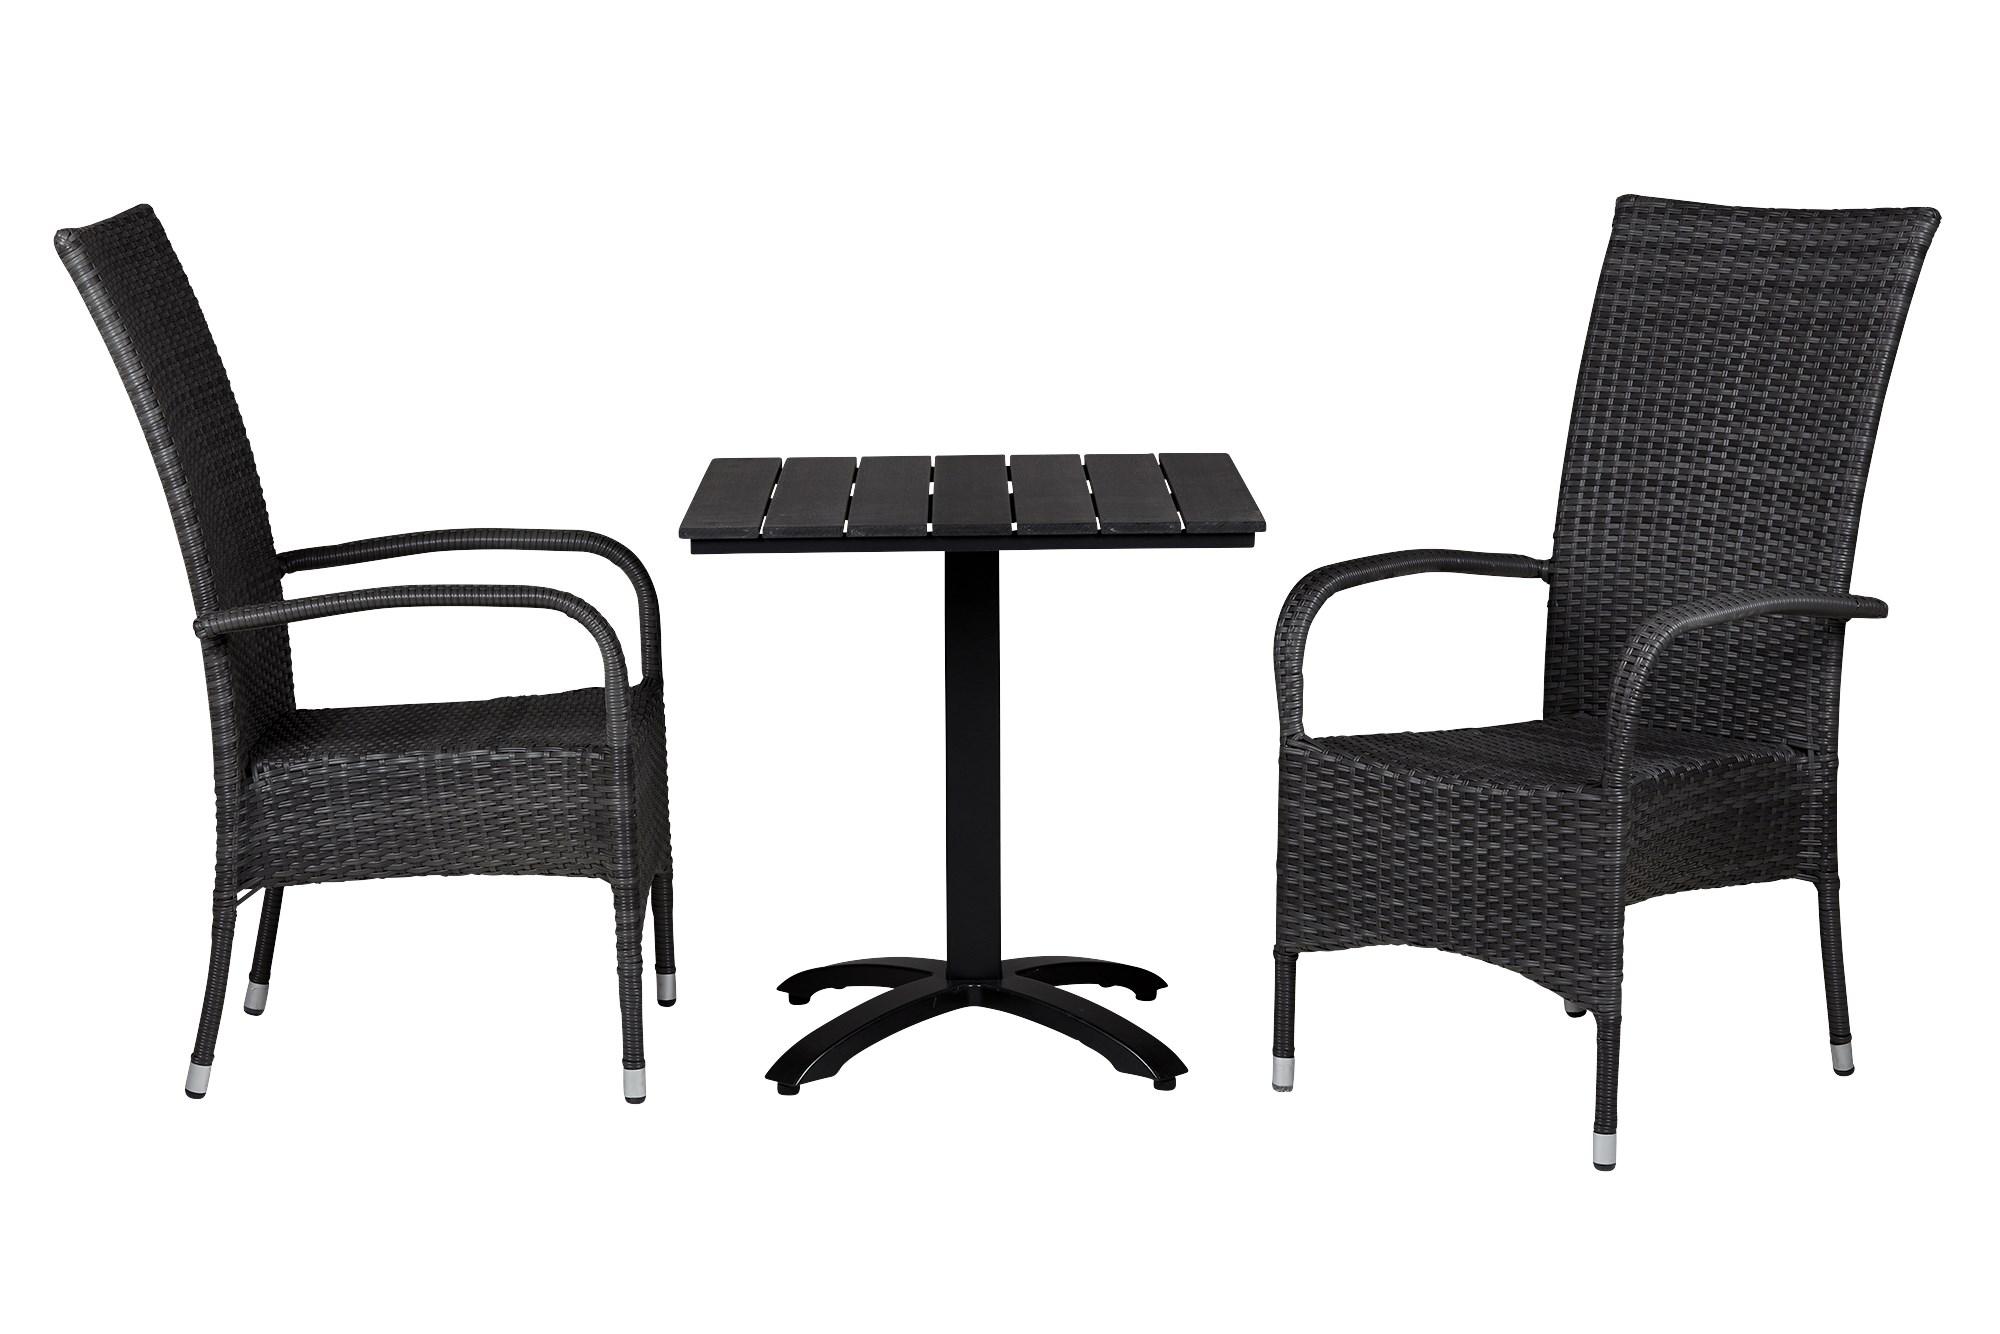 Køb Anzio Cafebord 70×70 Cm Inkl 2 Stk Mira Høj Havestole